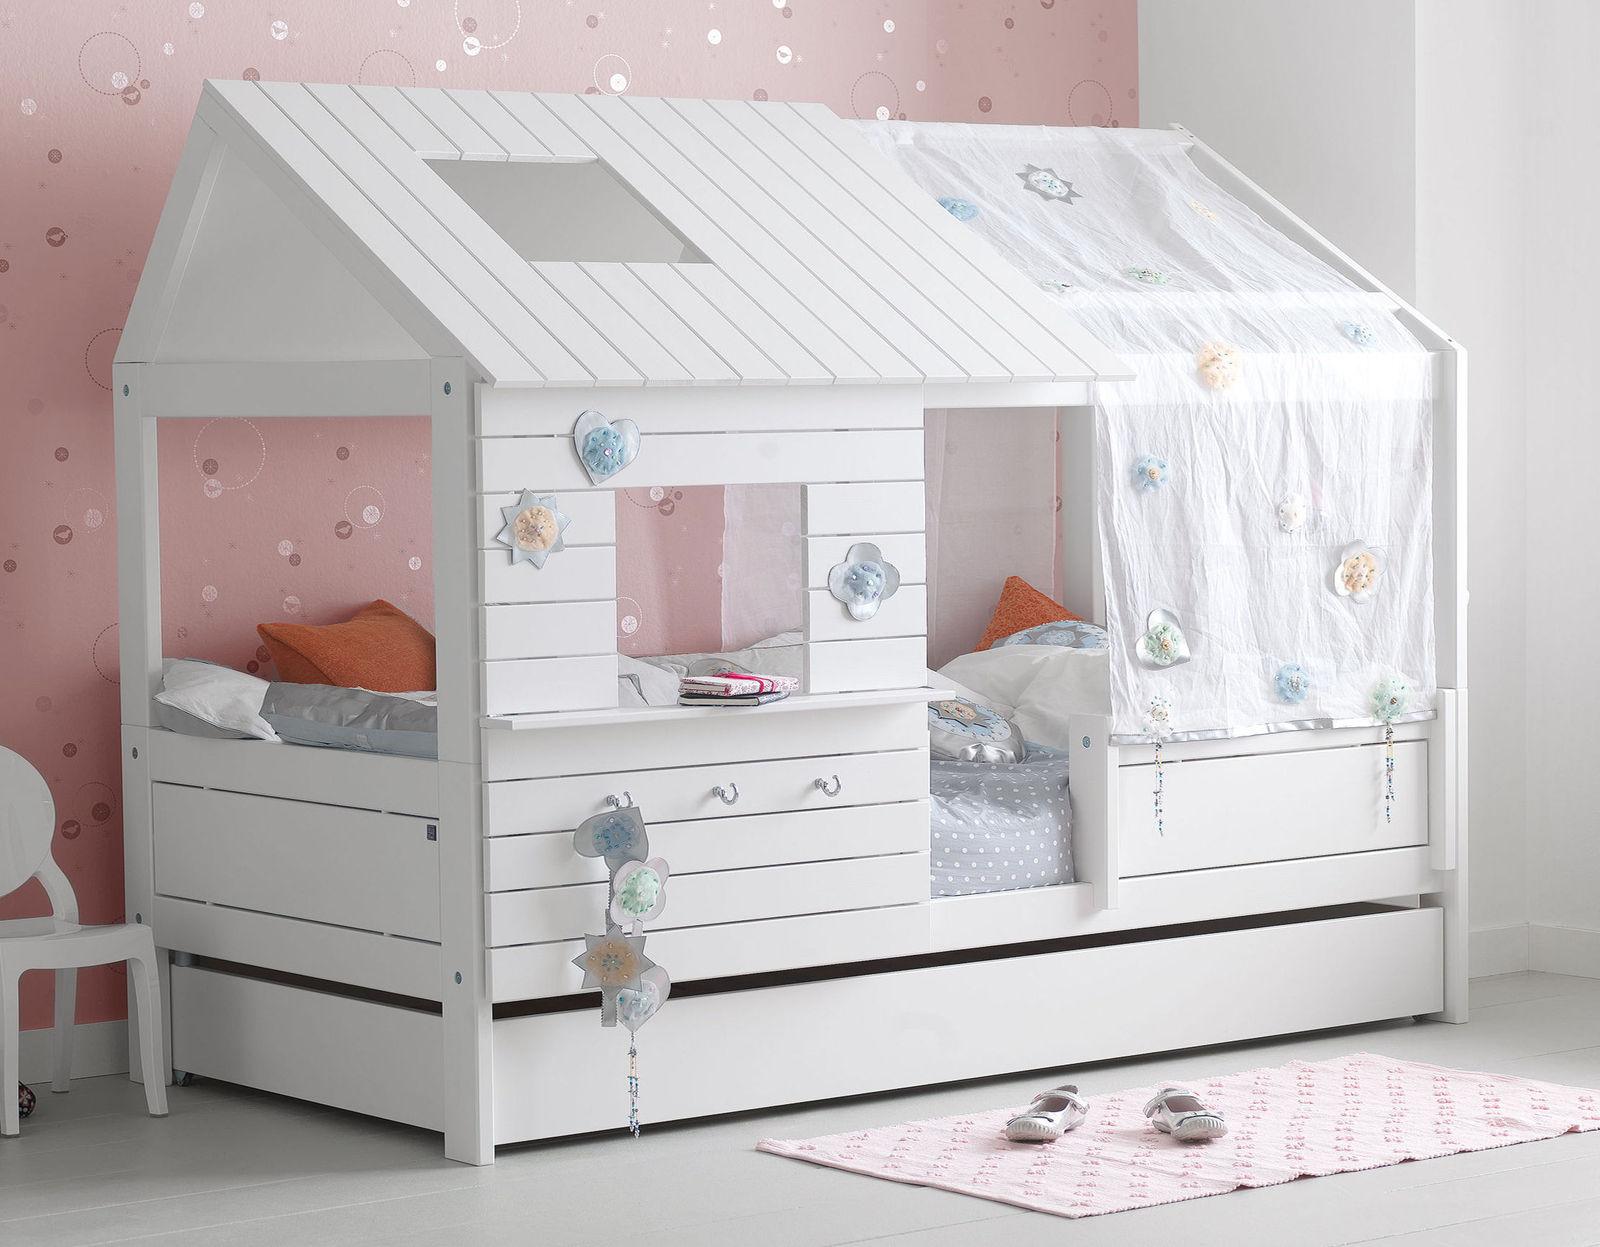 wei es lifetime h ttenbett aus kiefer mit fenstern. Black Bedroom Furniture Sets. Home Design Ideas